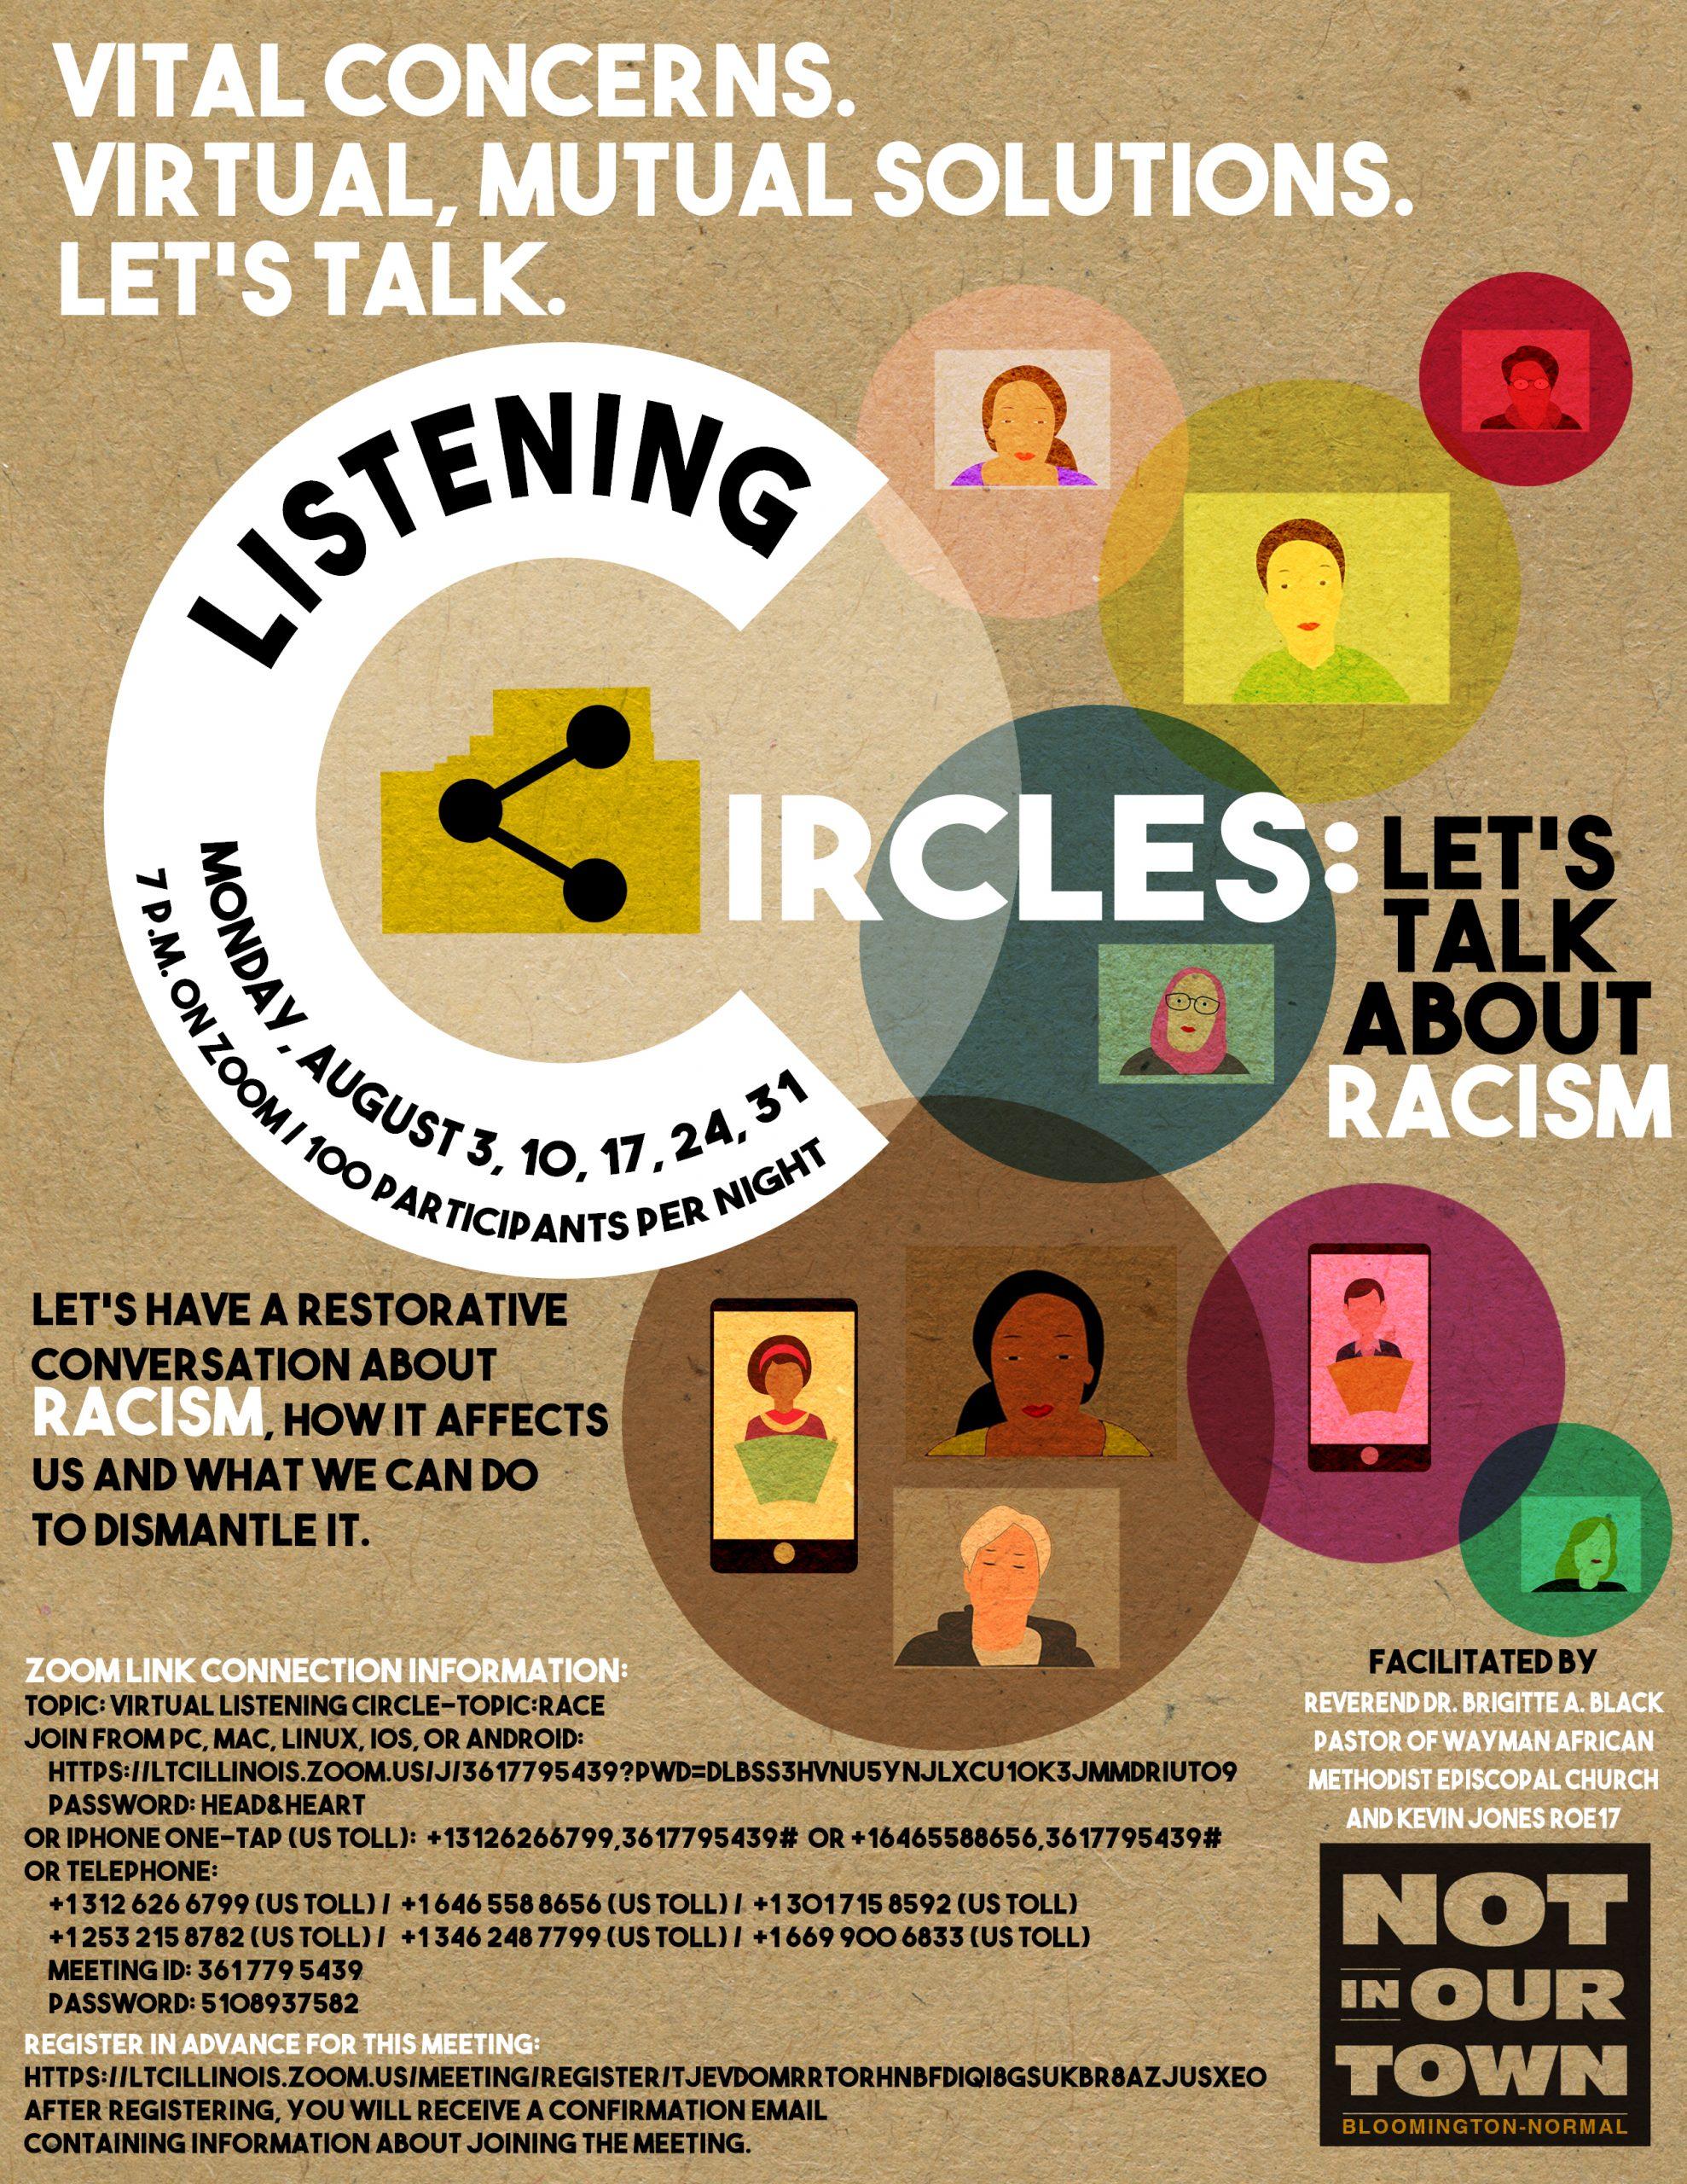 Circles Flyer 02 Aug 2020